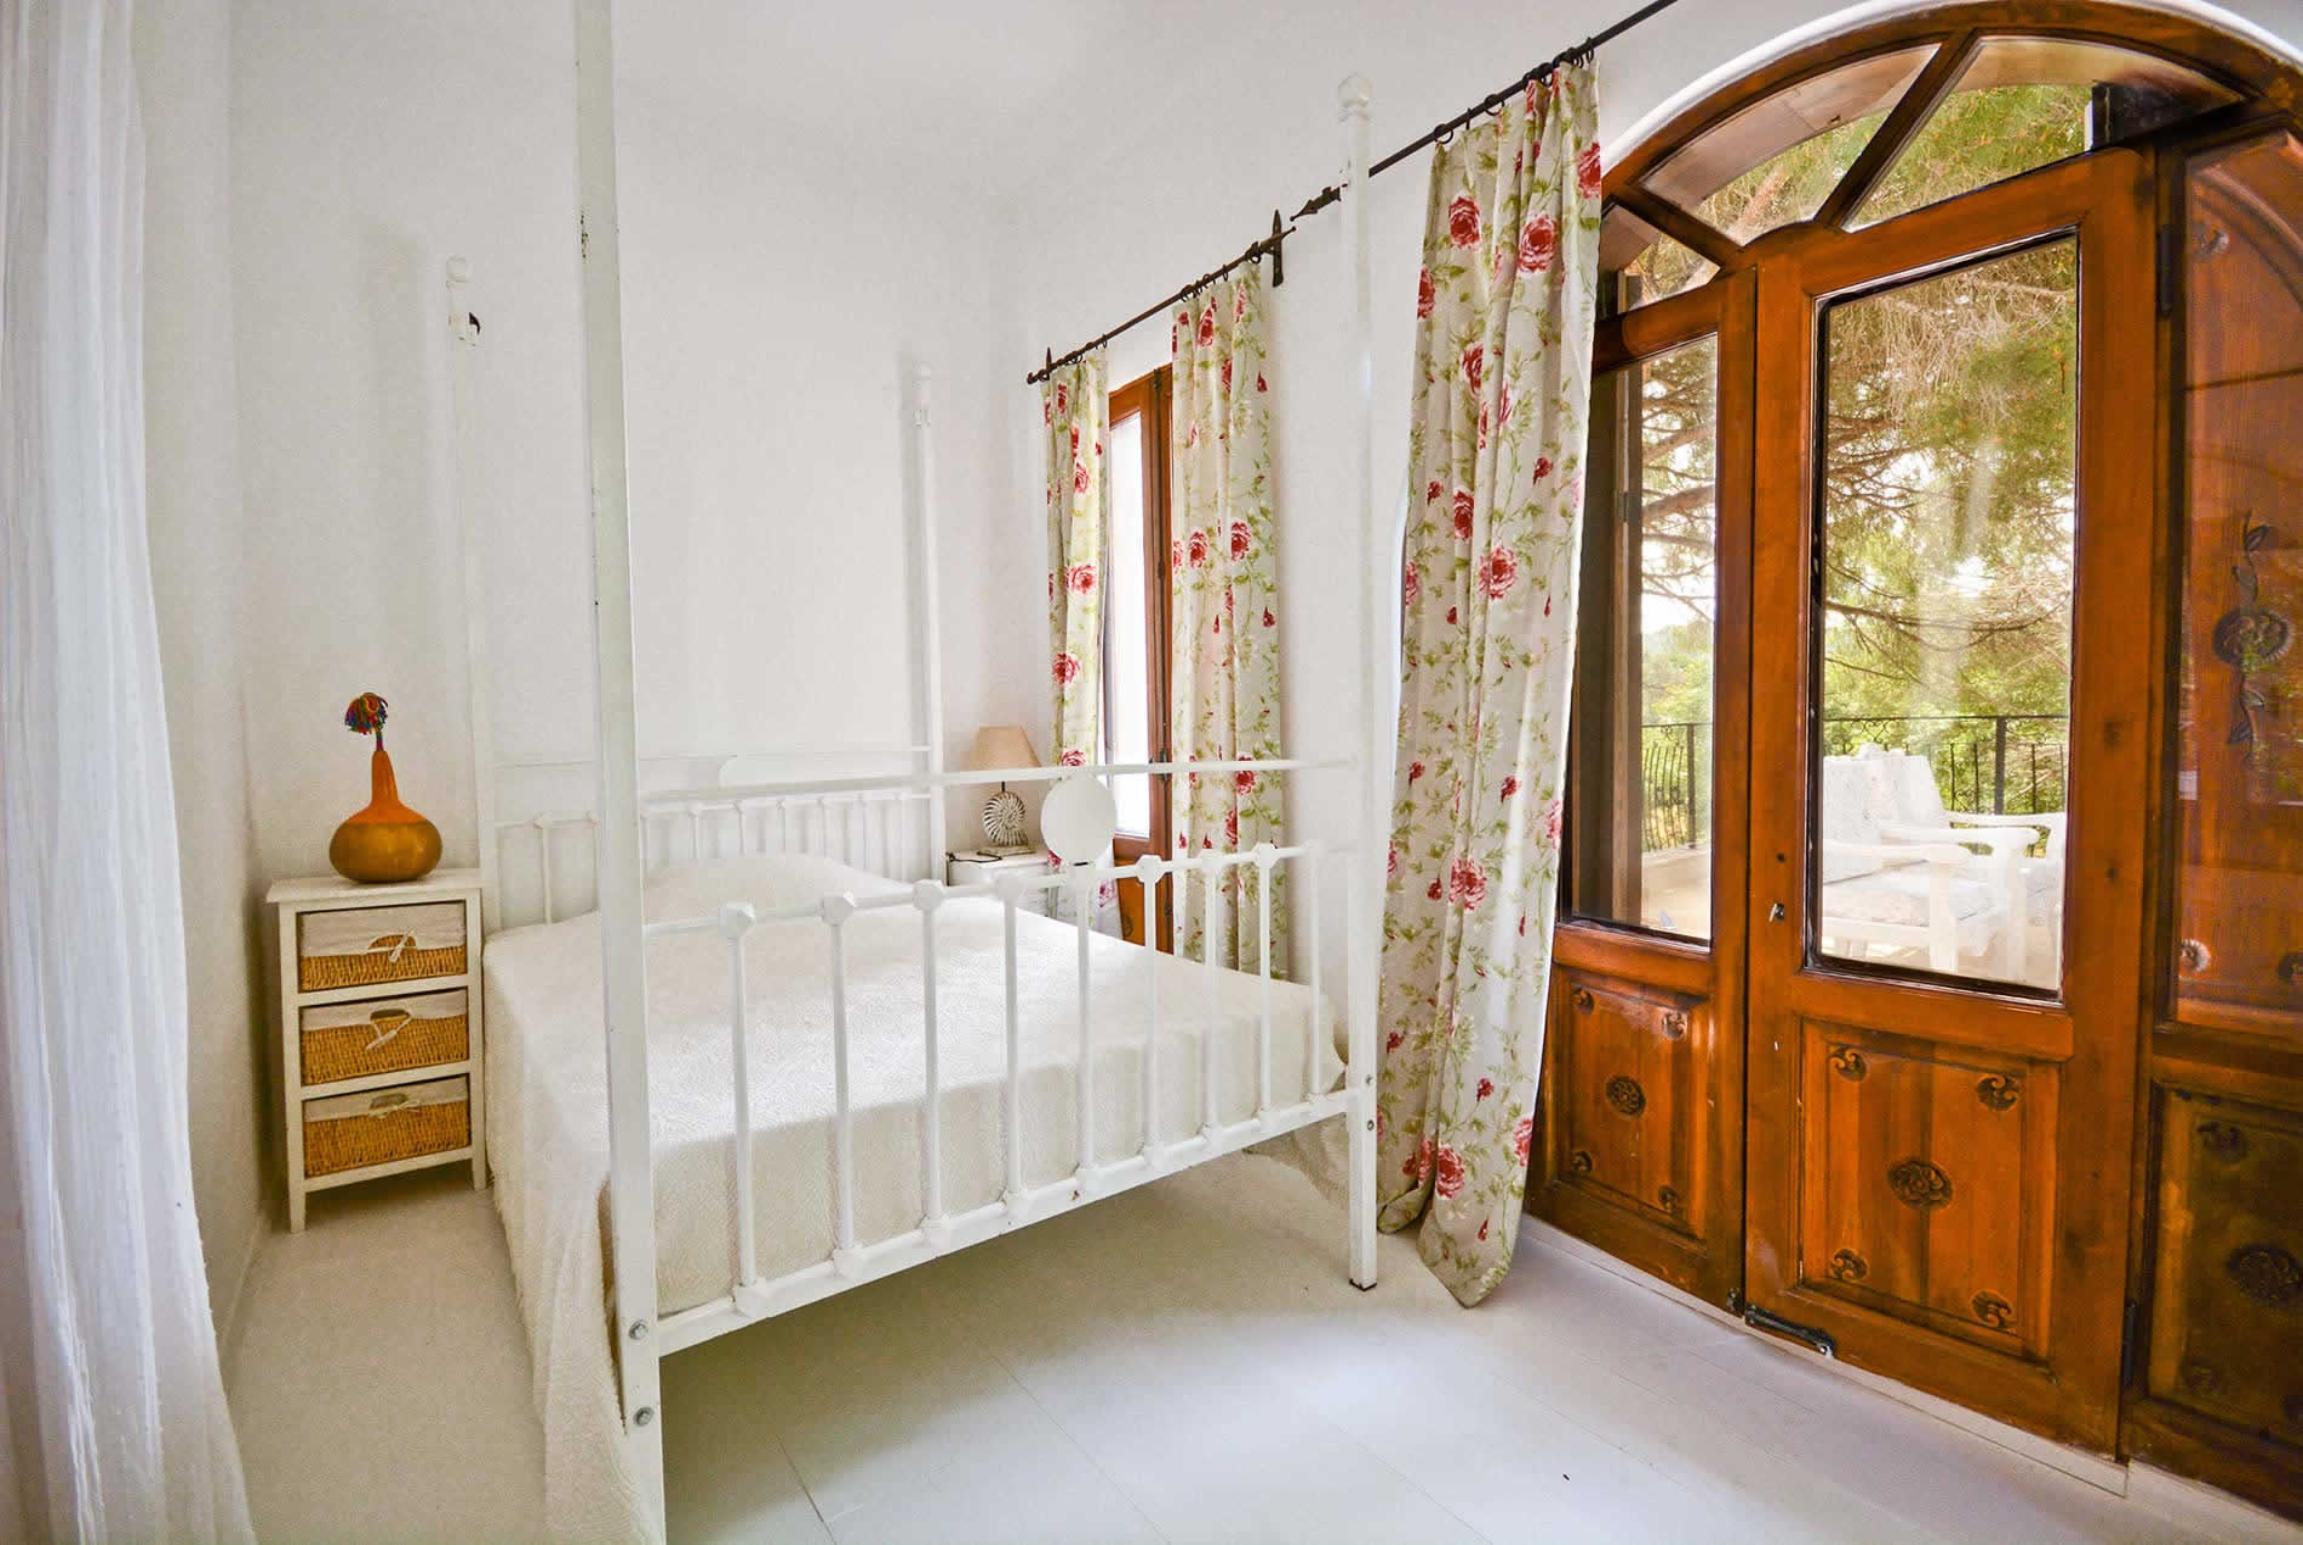 Ferienhaus Luca (2744562), Turgutreis, , Ägäisregion, Türkei, Bild 6